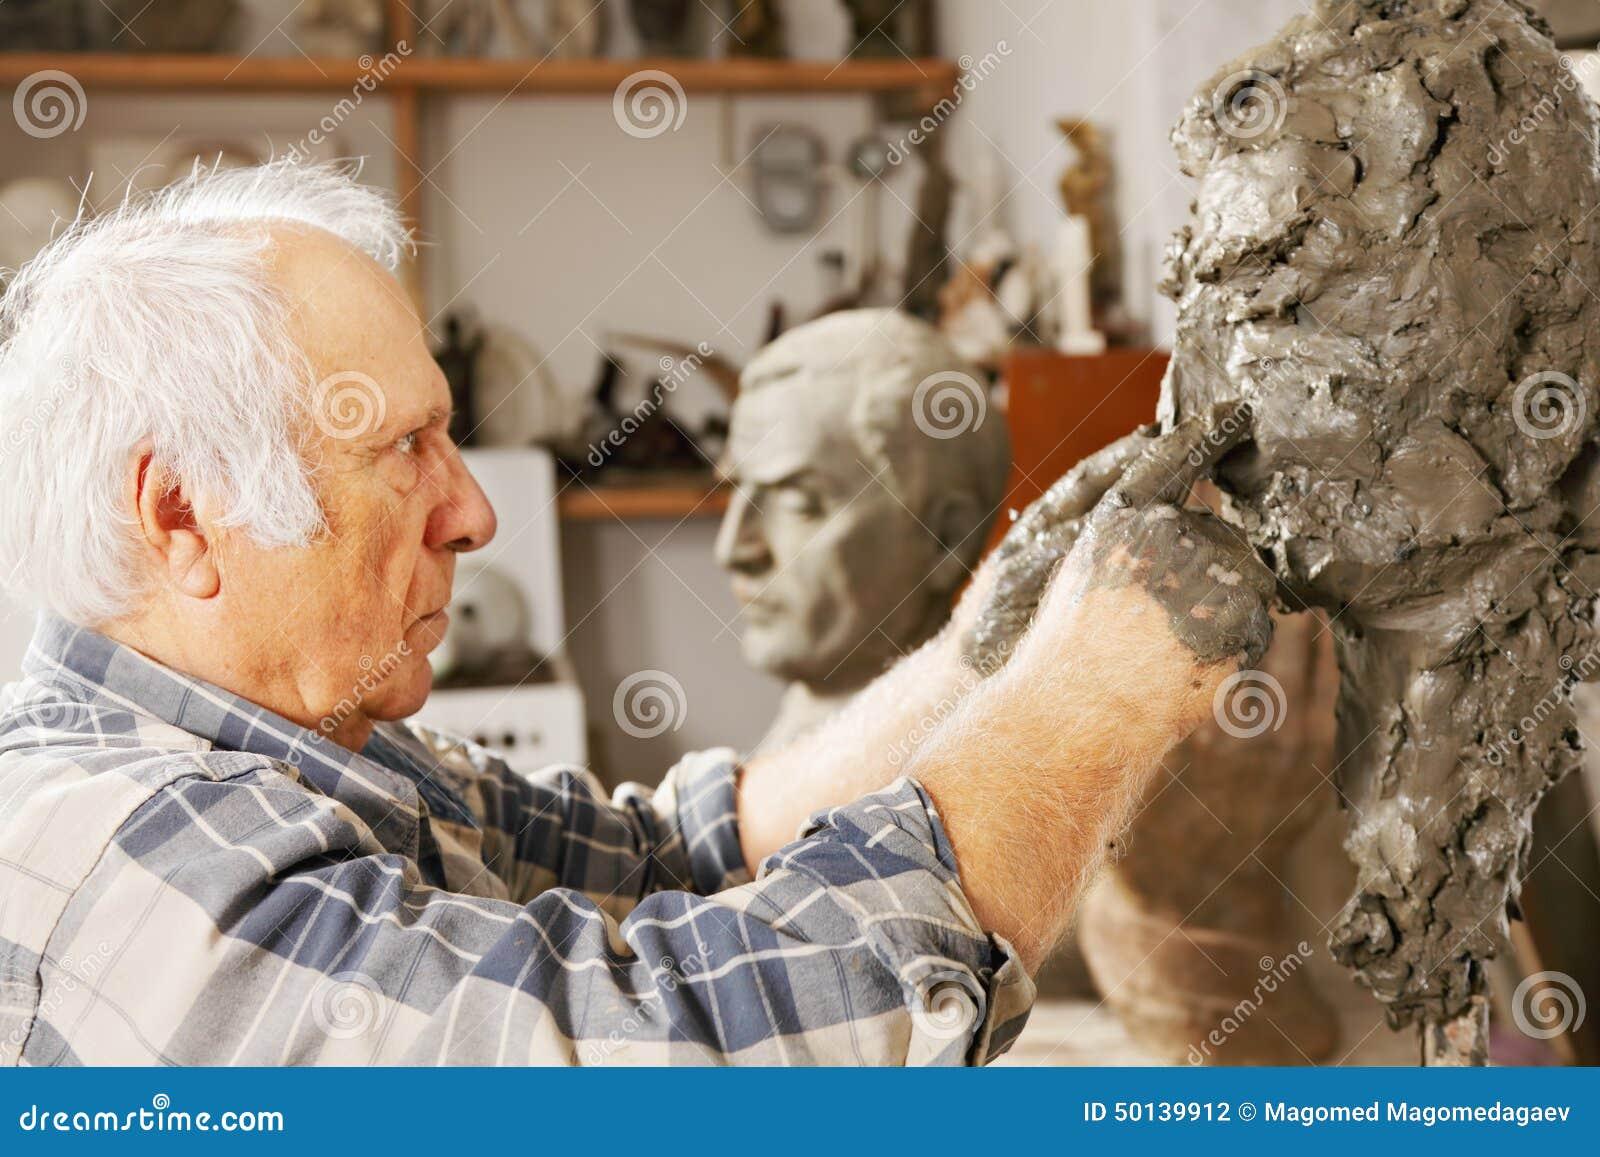 Le sculpteur travaille au nez de sculpture